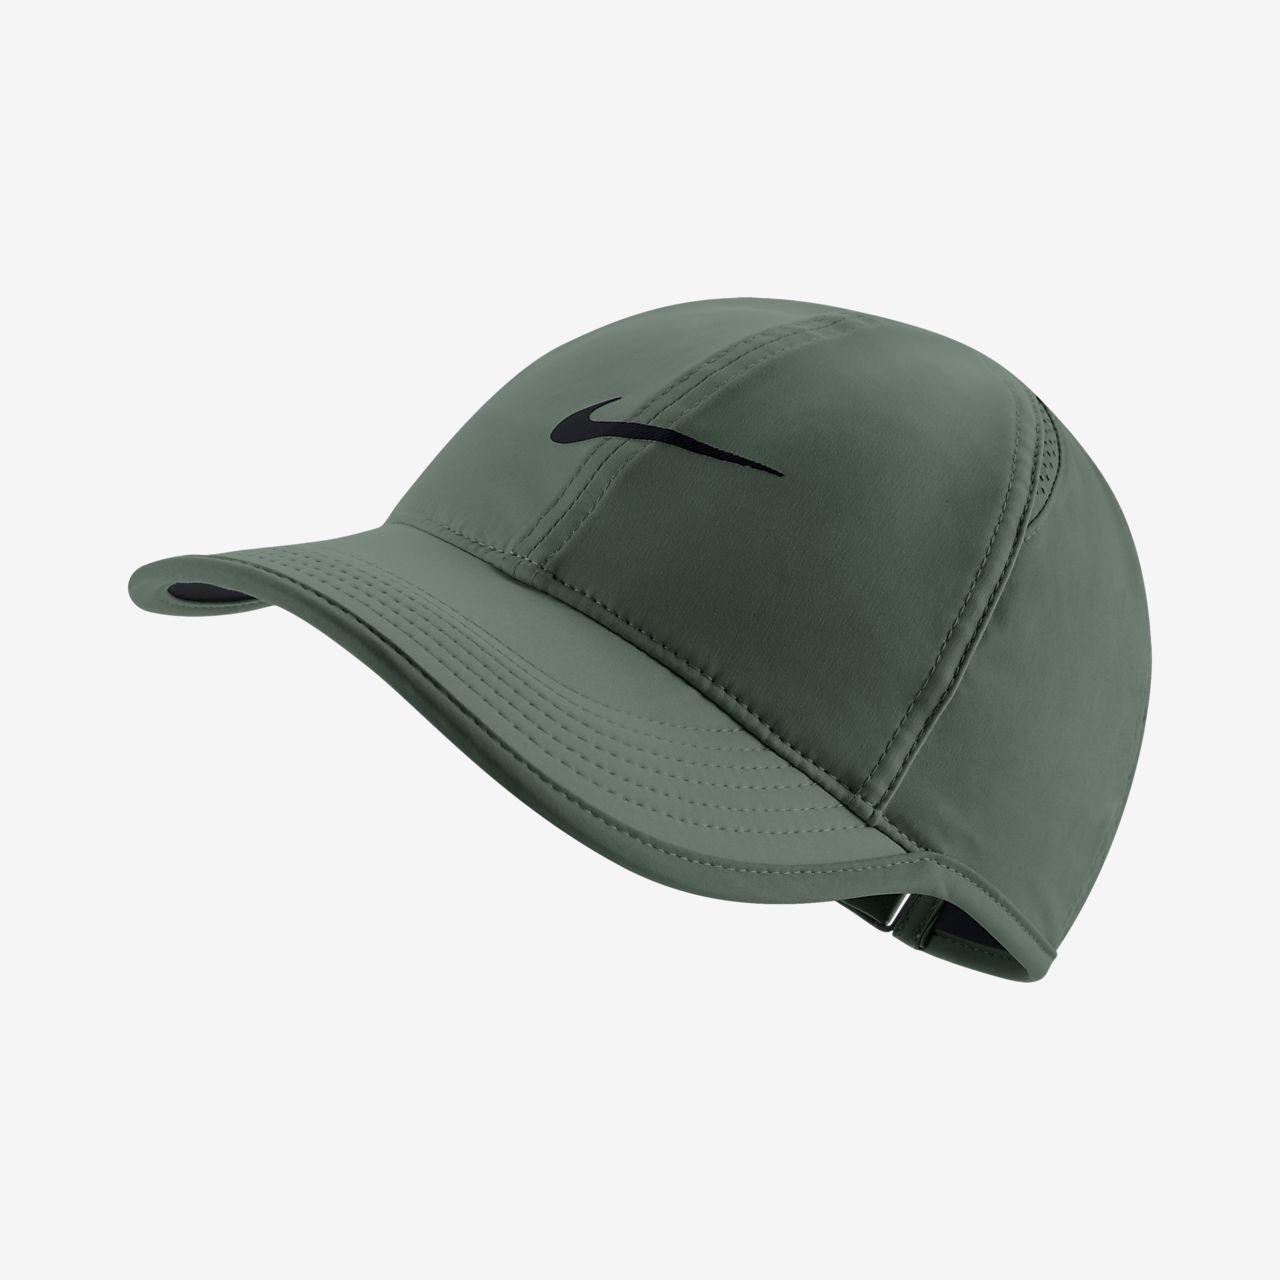 Unisex Nike Featherlight - Adjustable Tennis Hat EH542571k